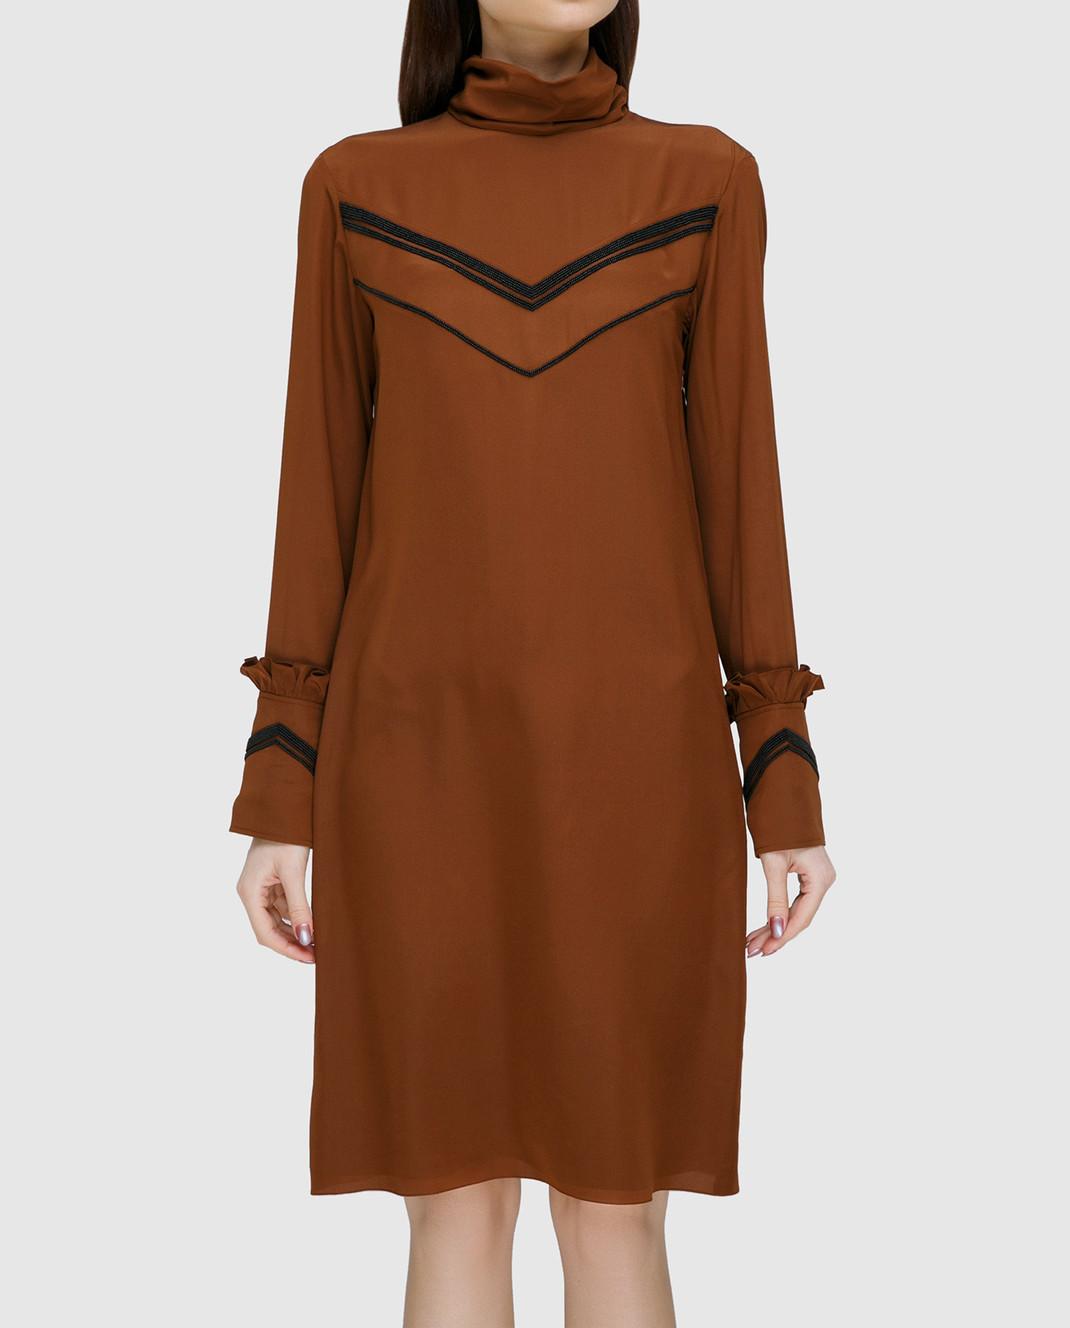 NINA RICCI Терракотовое платье из шелка 17PCRO040SE0801 изображение 3